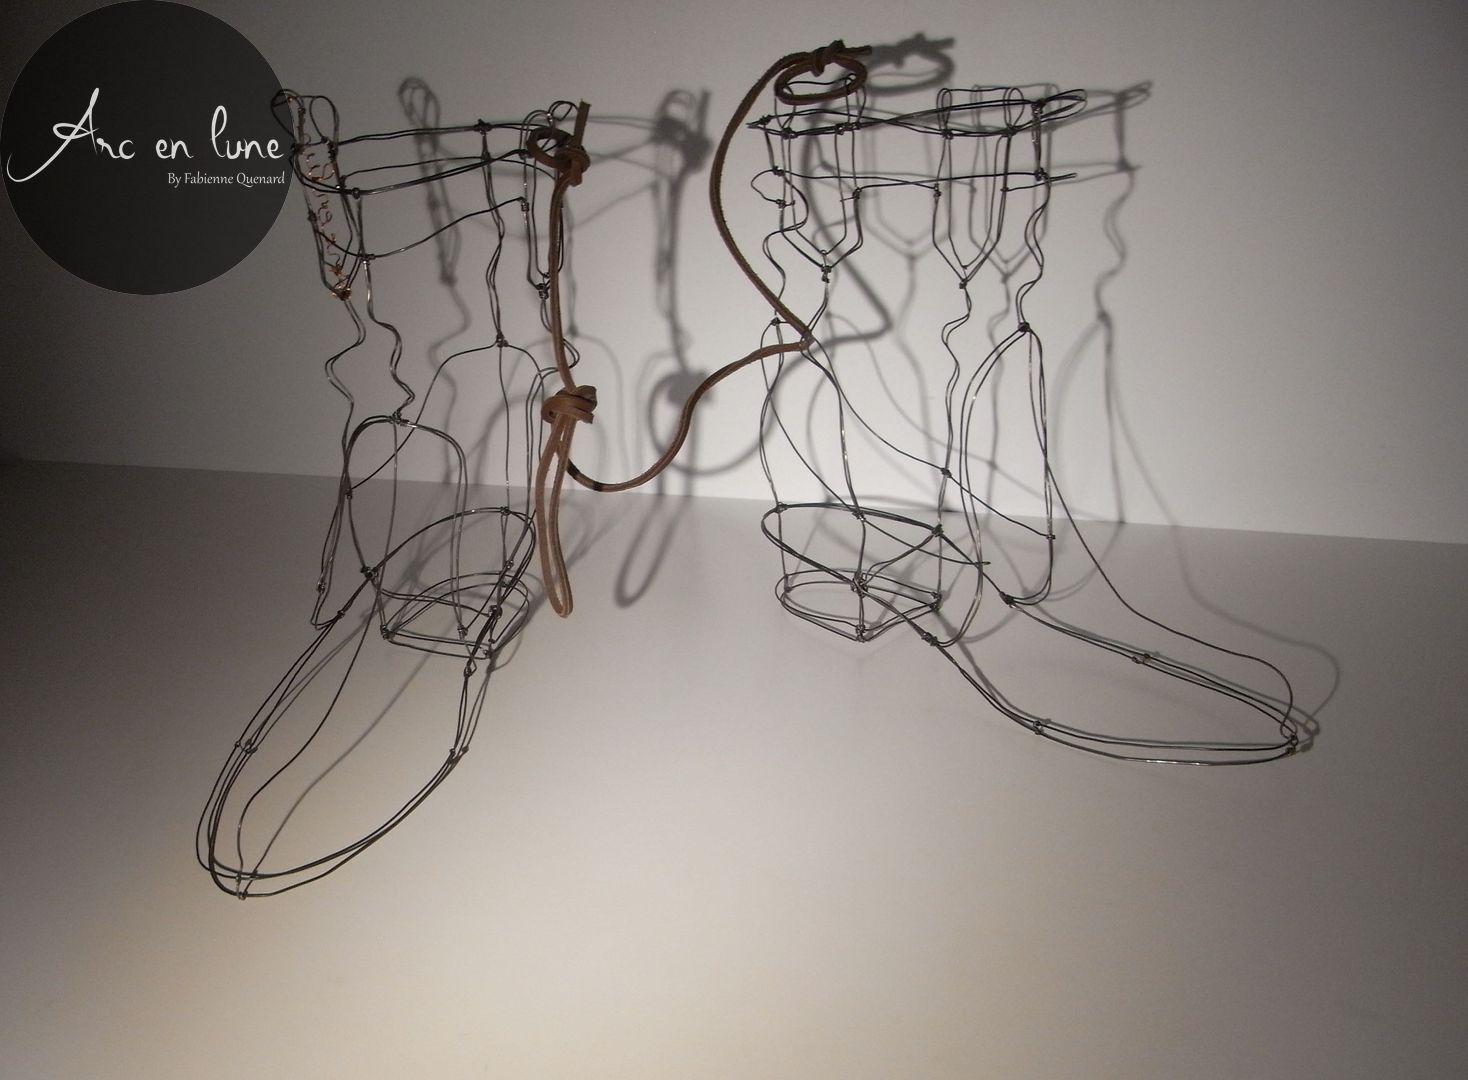 Bottes Western de Arc en Lune L.27xH.25xl.12cm fil de fer et cuivre, cordon cuir